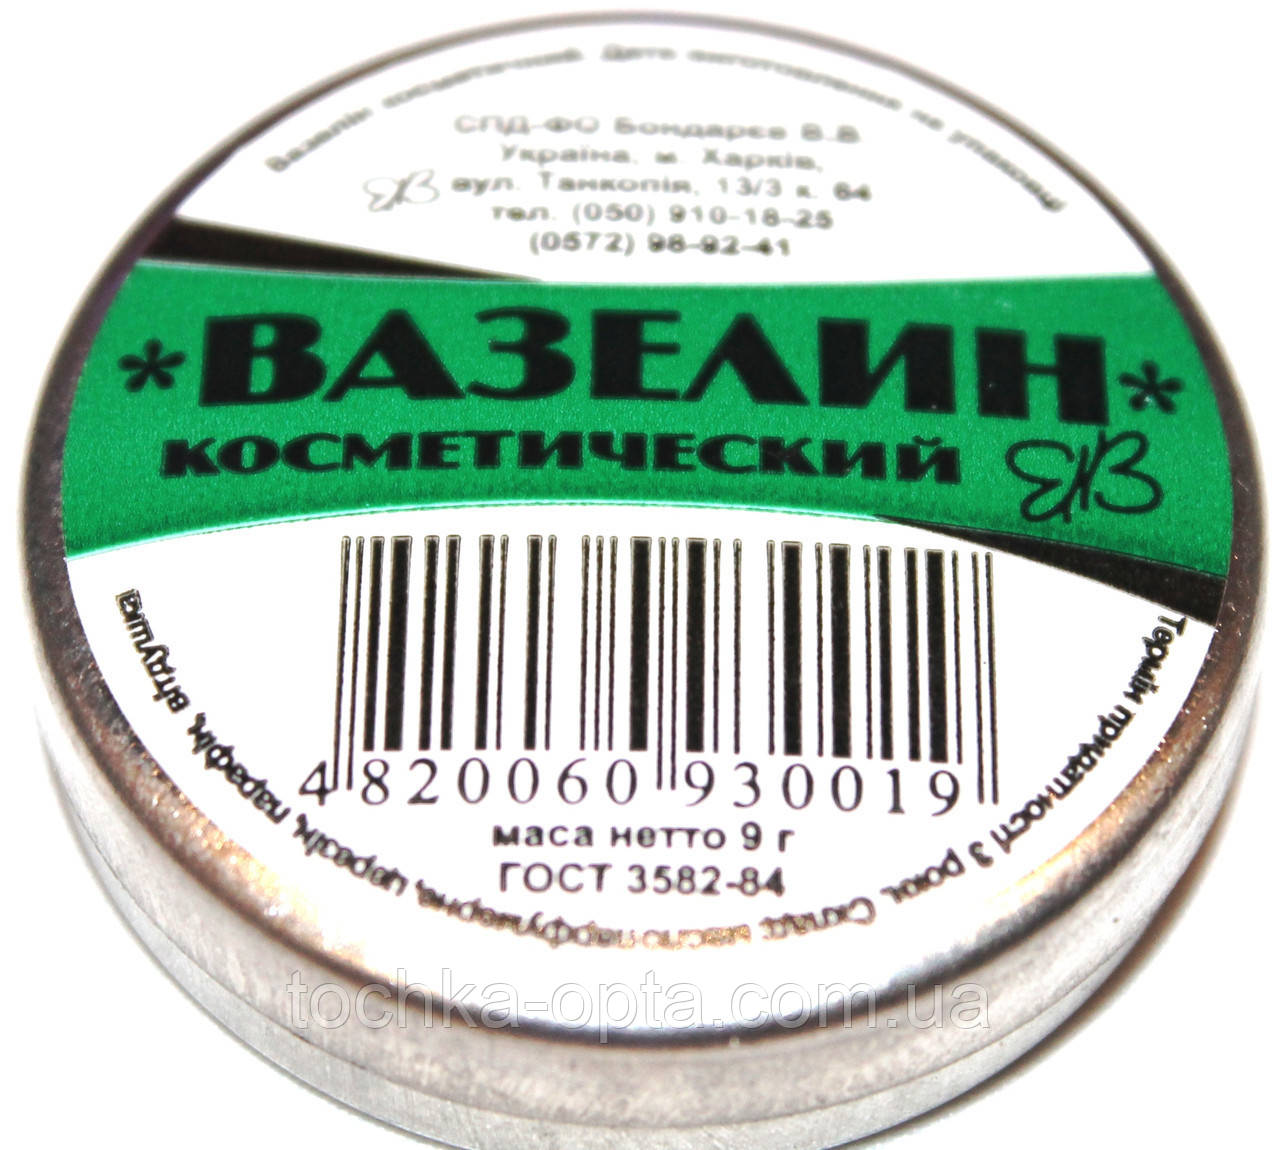 Вазелин косметический 9грамм. Купить оптом вазелин